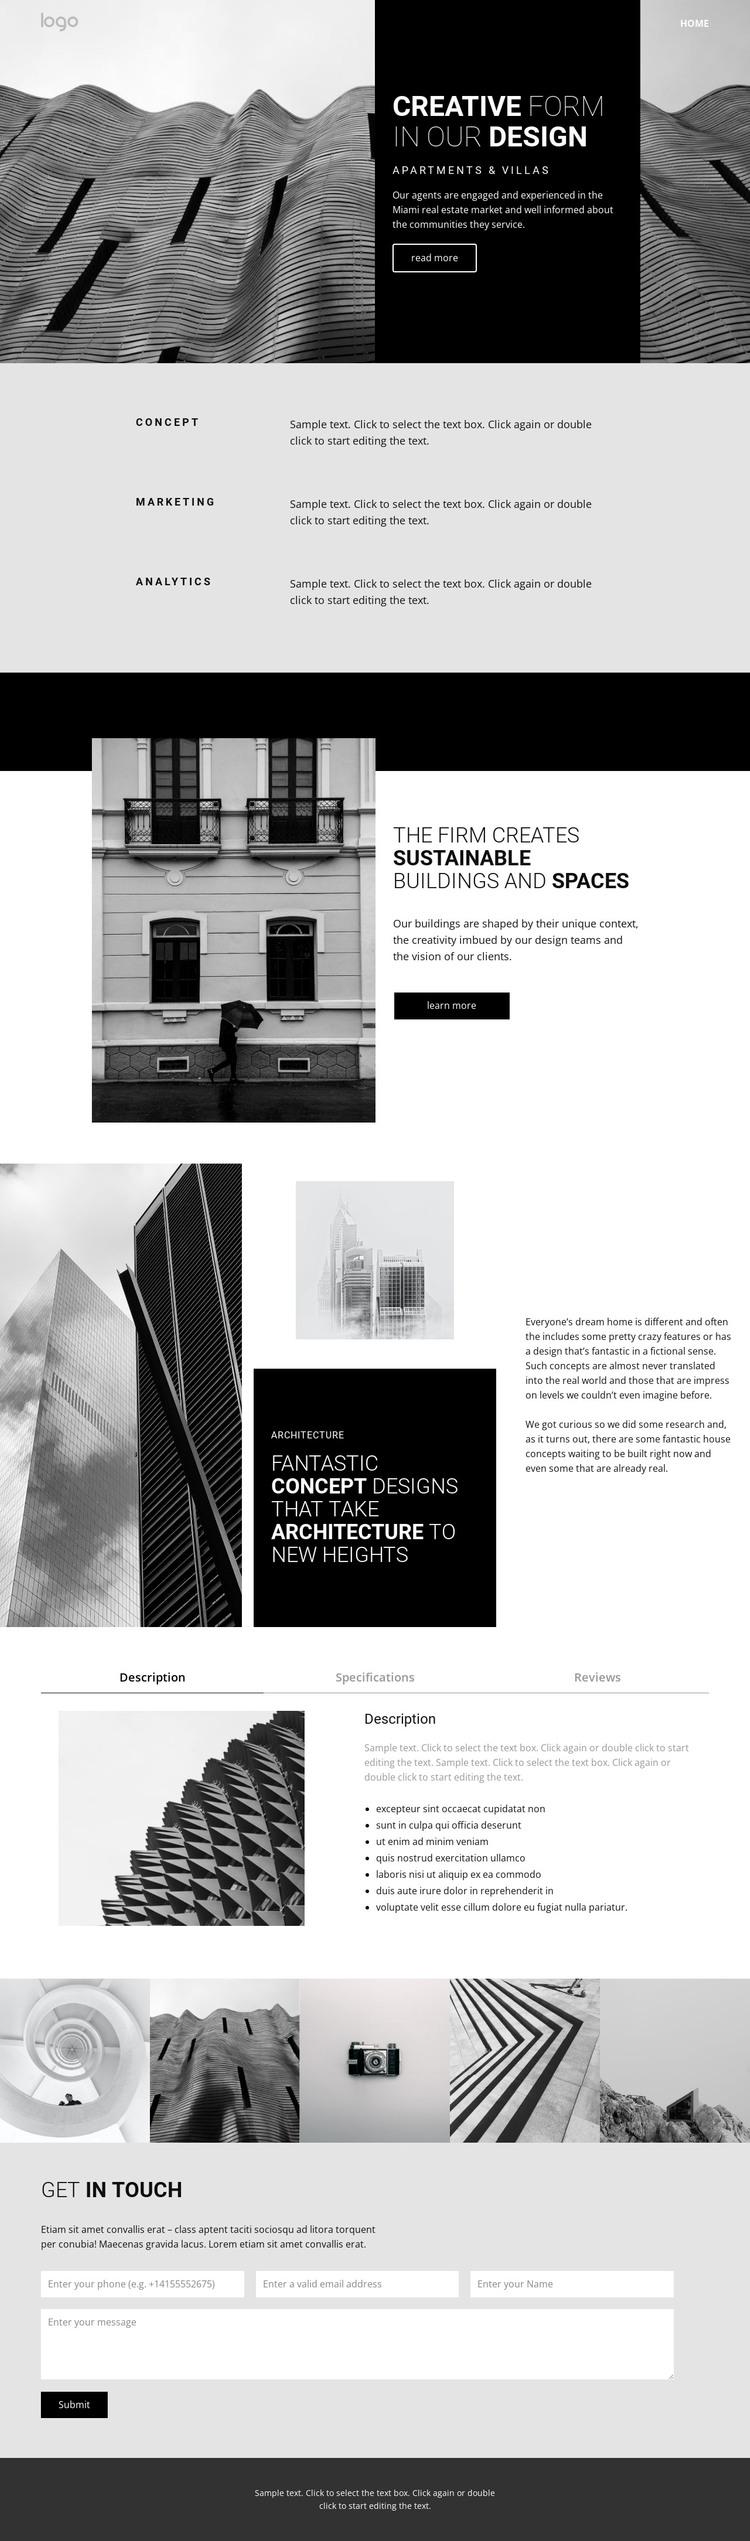 Creative concept architecture Web Design